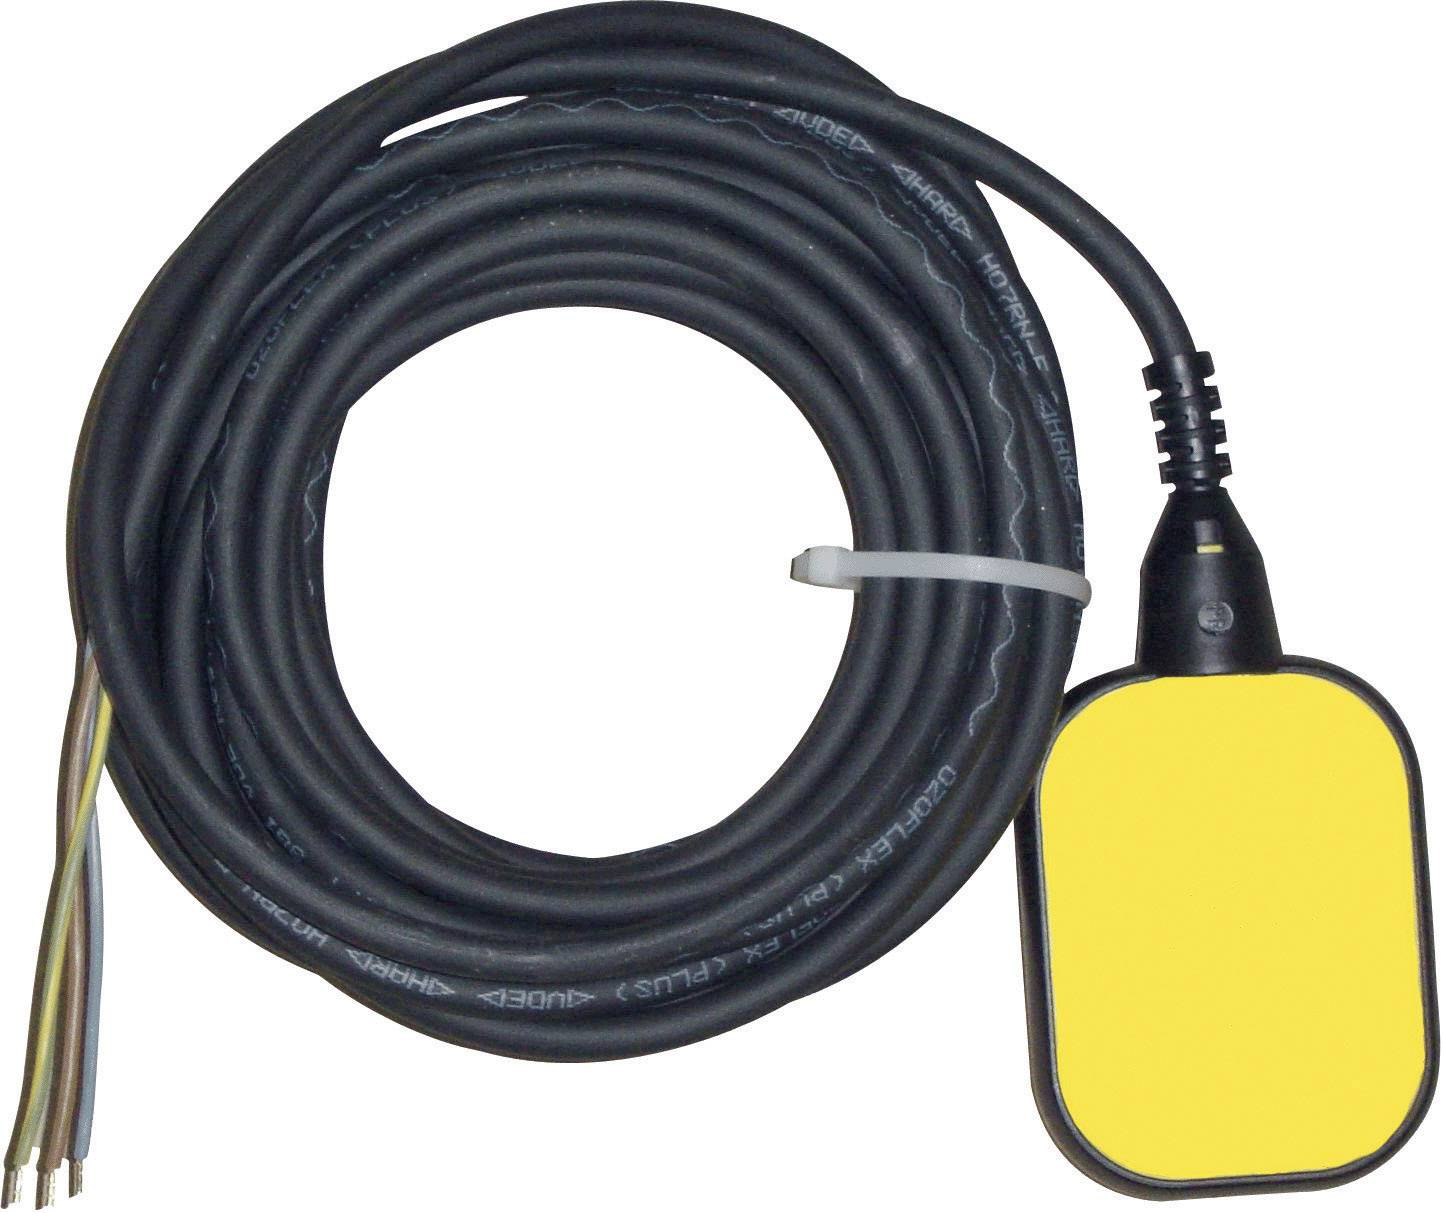 Plavákový spínač pre napúšťanie/vypúšťanie Zehnder Pumpen 14527, 2 m, žltý